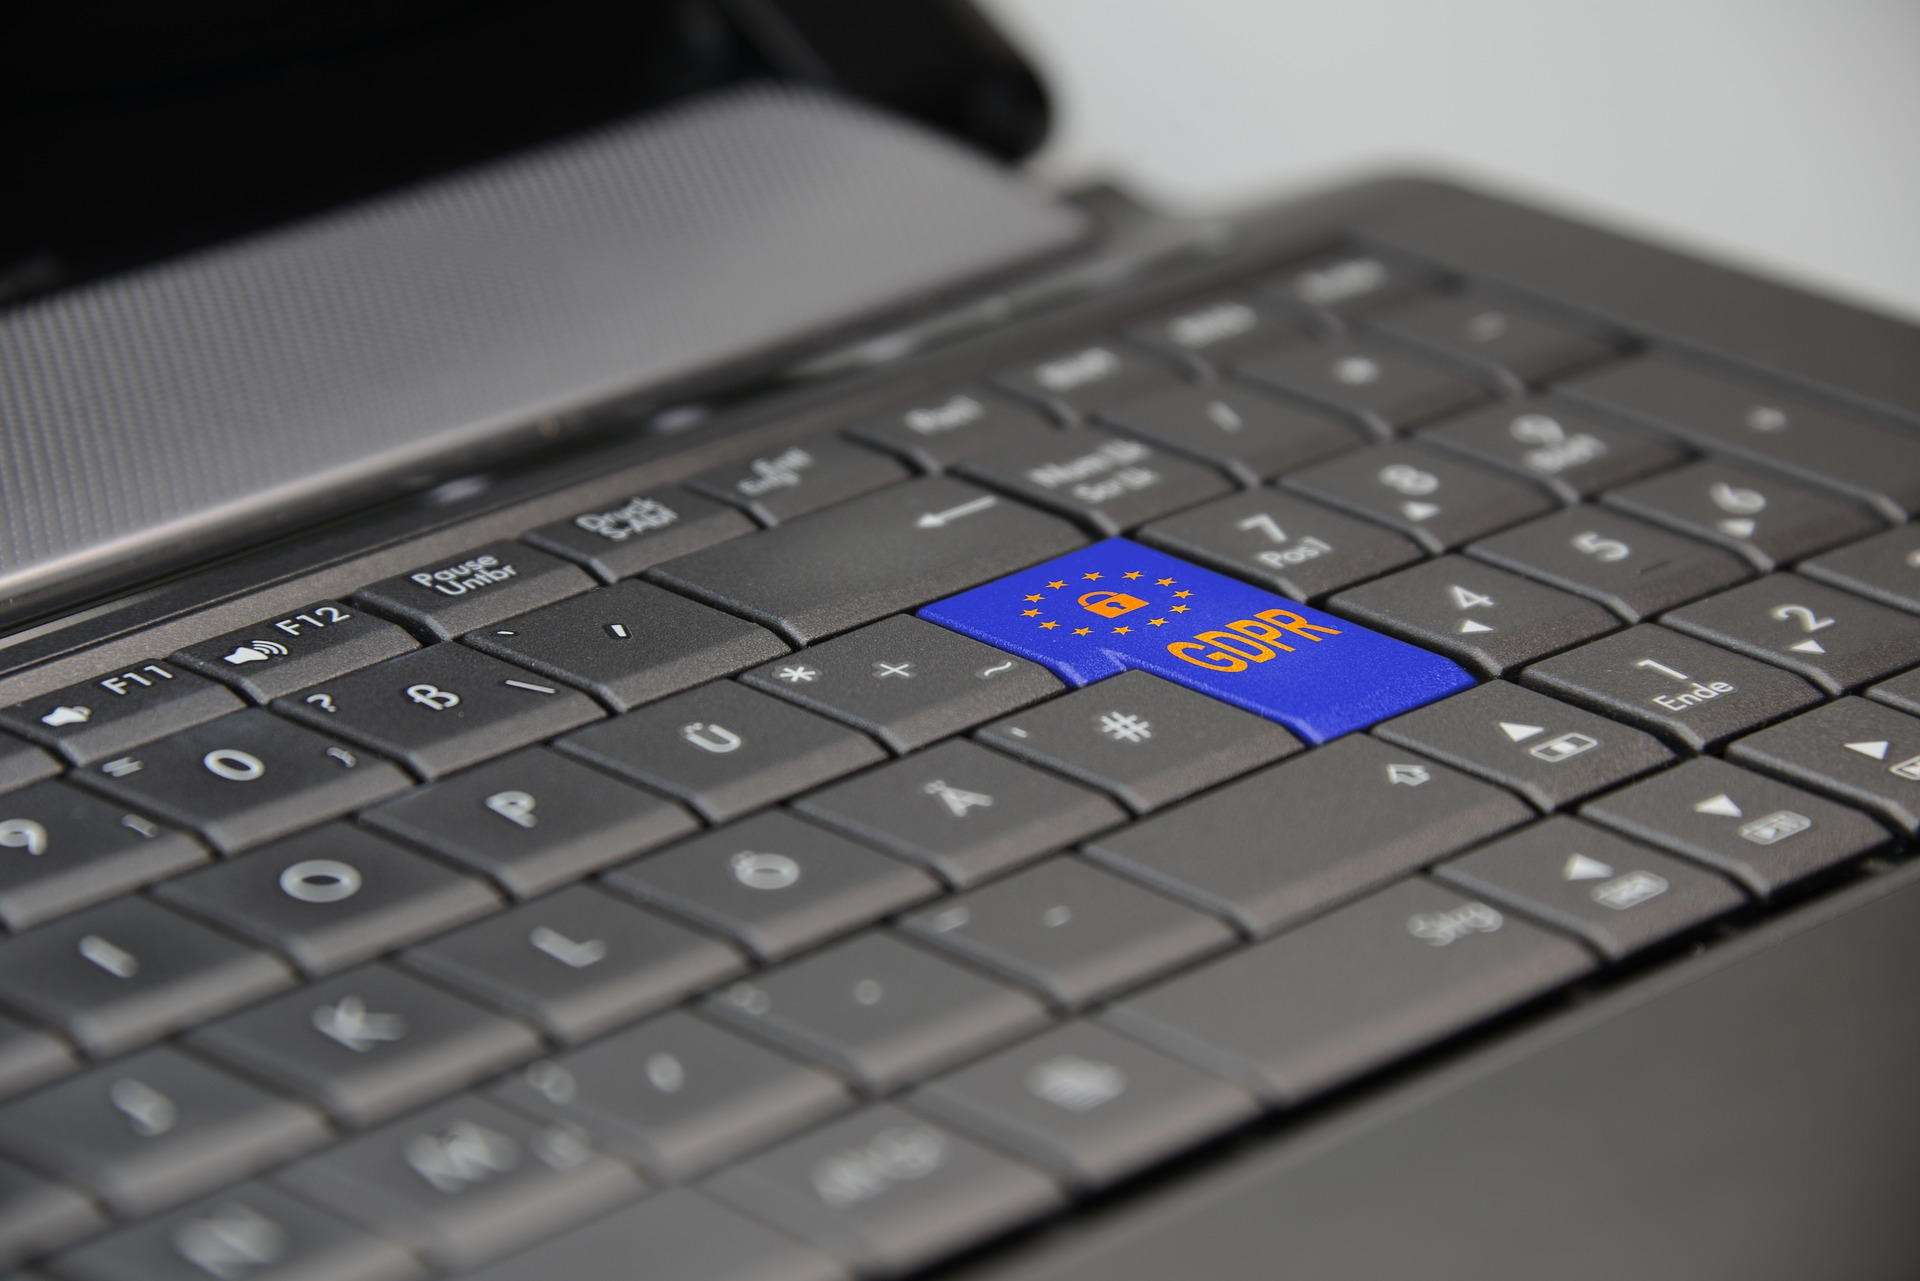 Cómo cumplir con la nueva normativa de protección de datos mediante herramientas de GdI y backup